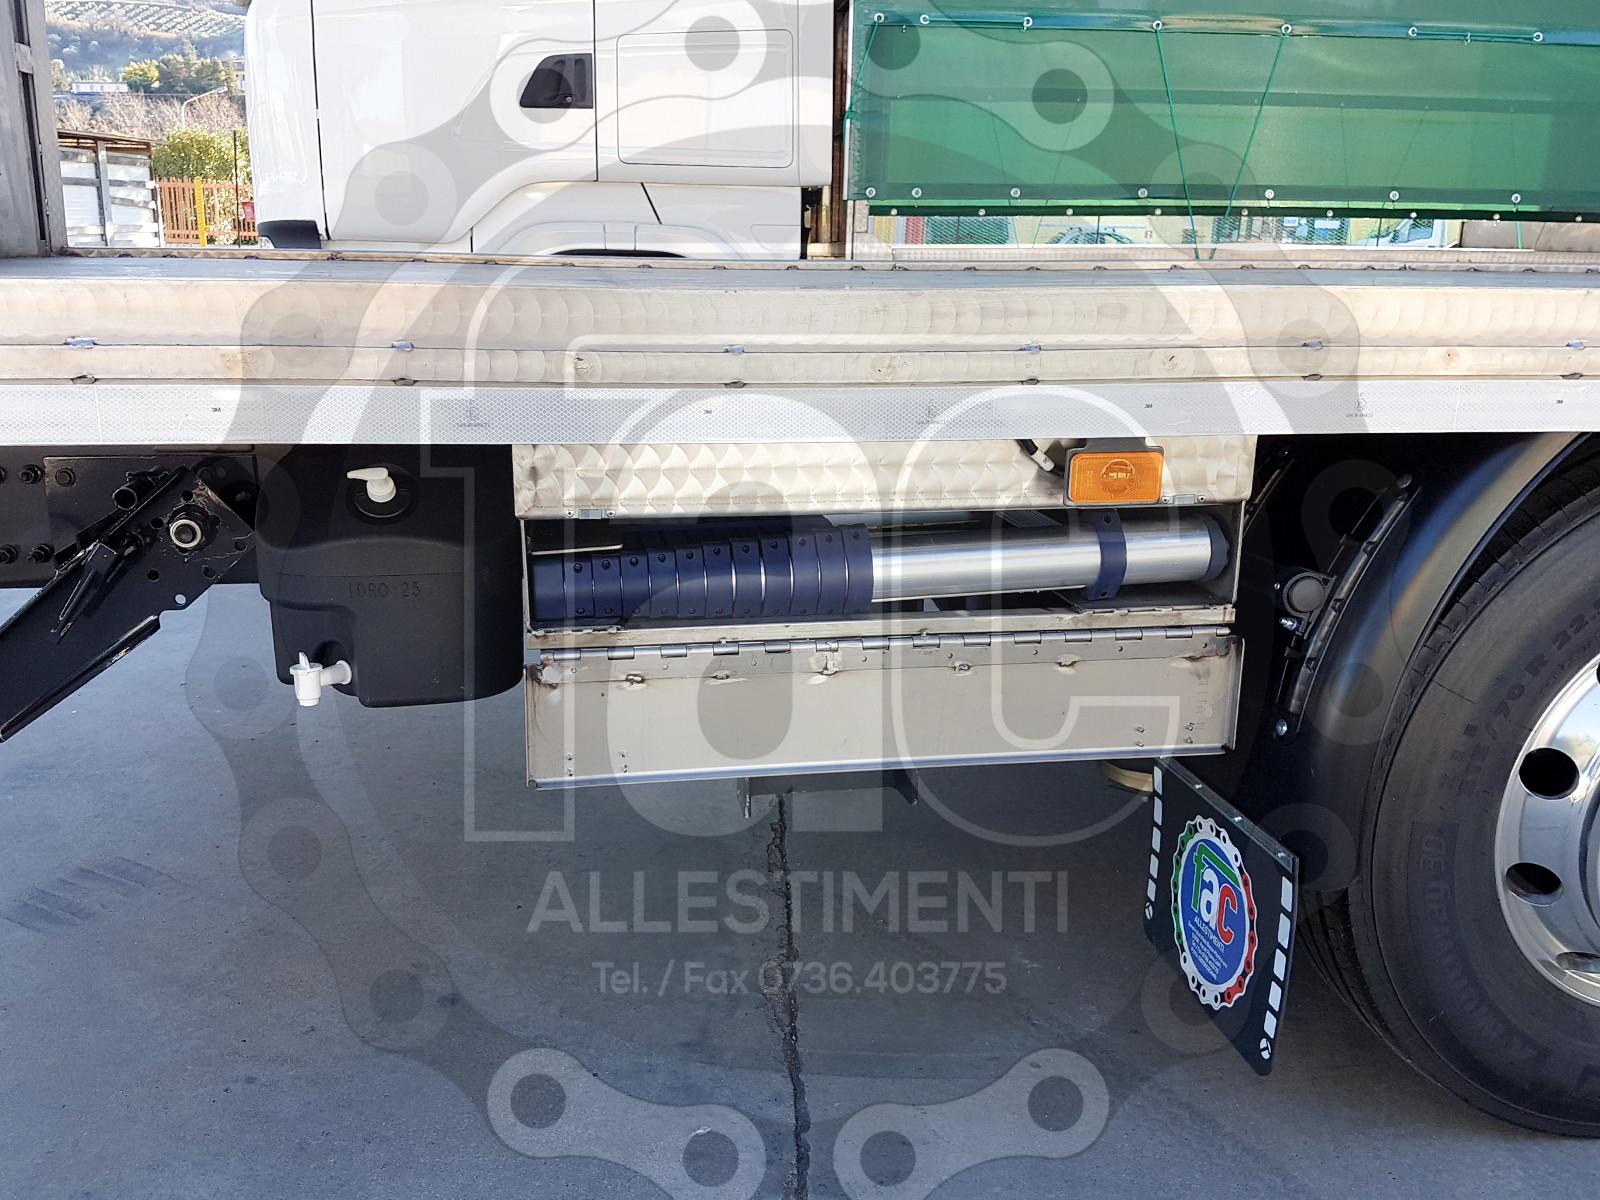 Realizzazione di camion per trasporto animali vivi di FAC Allestimenti